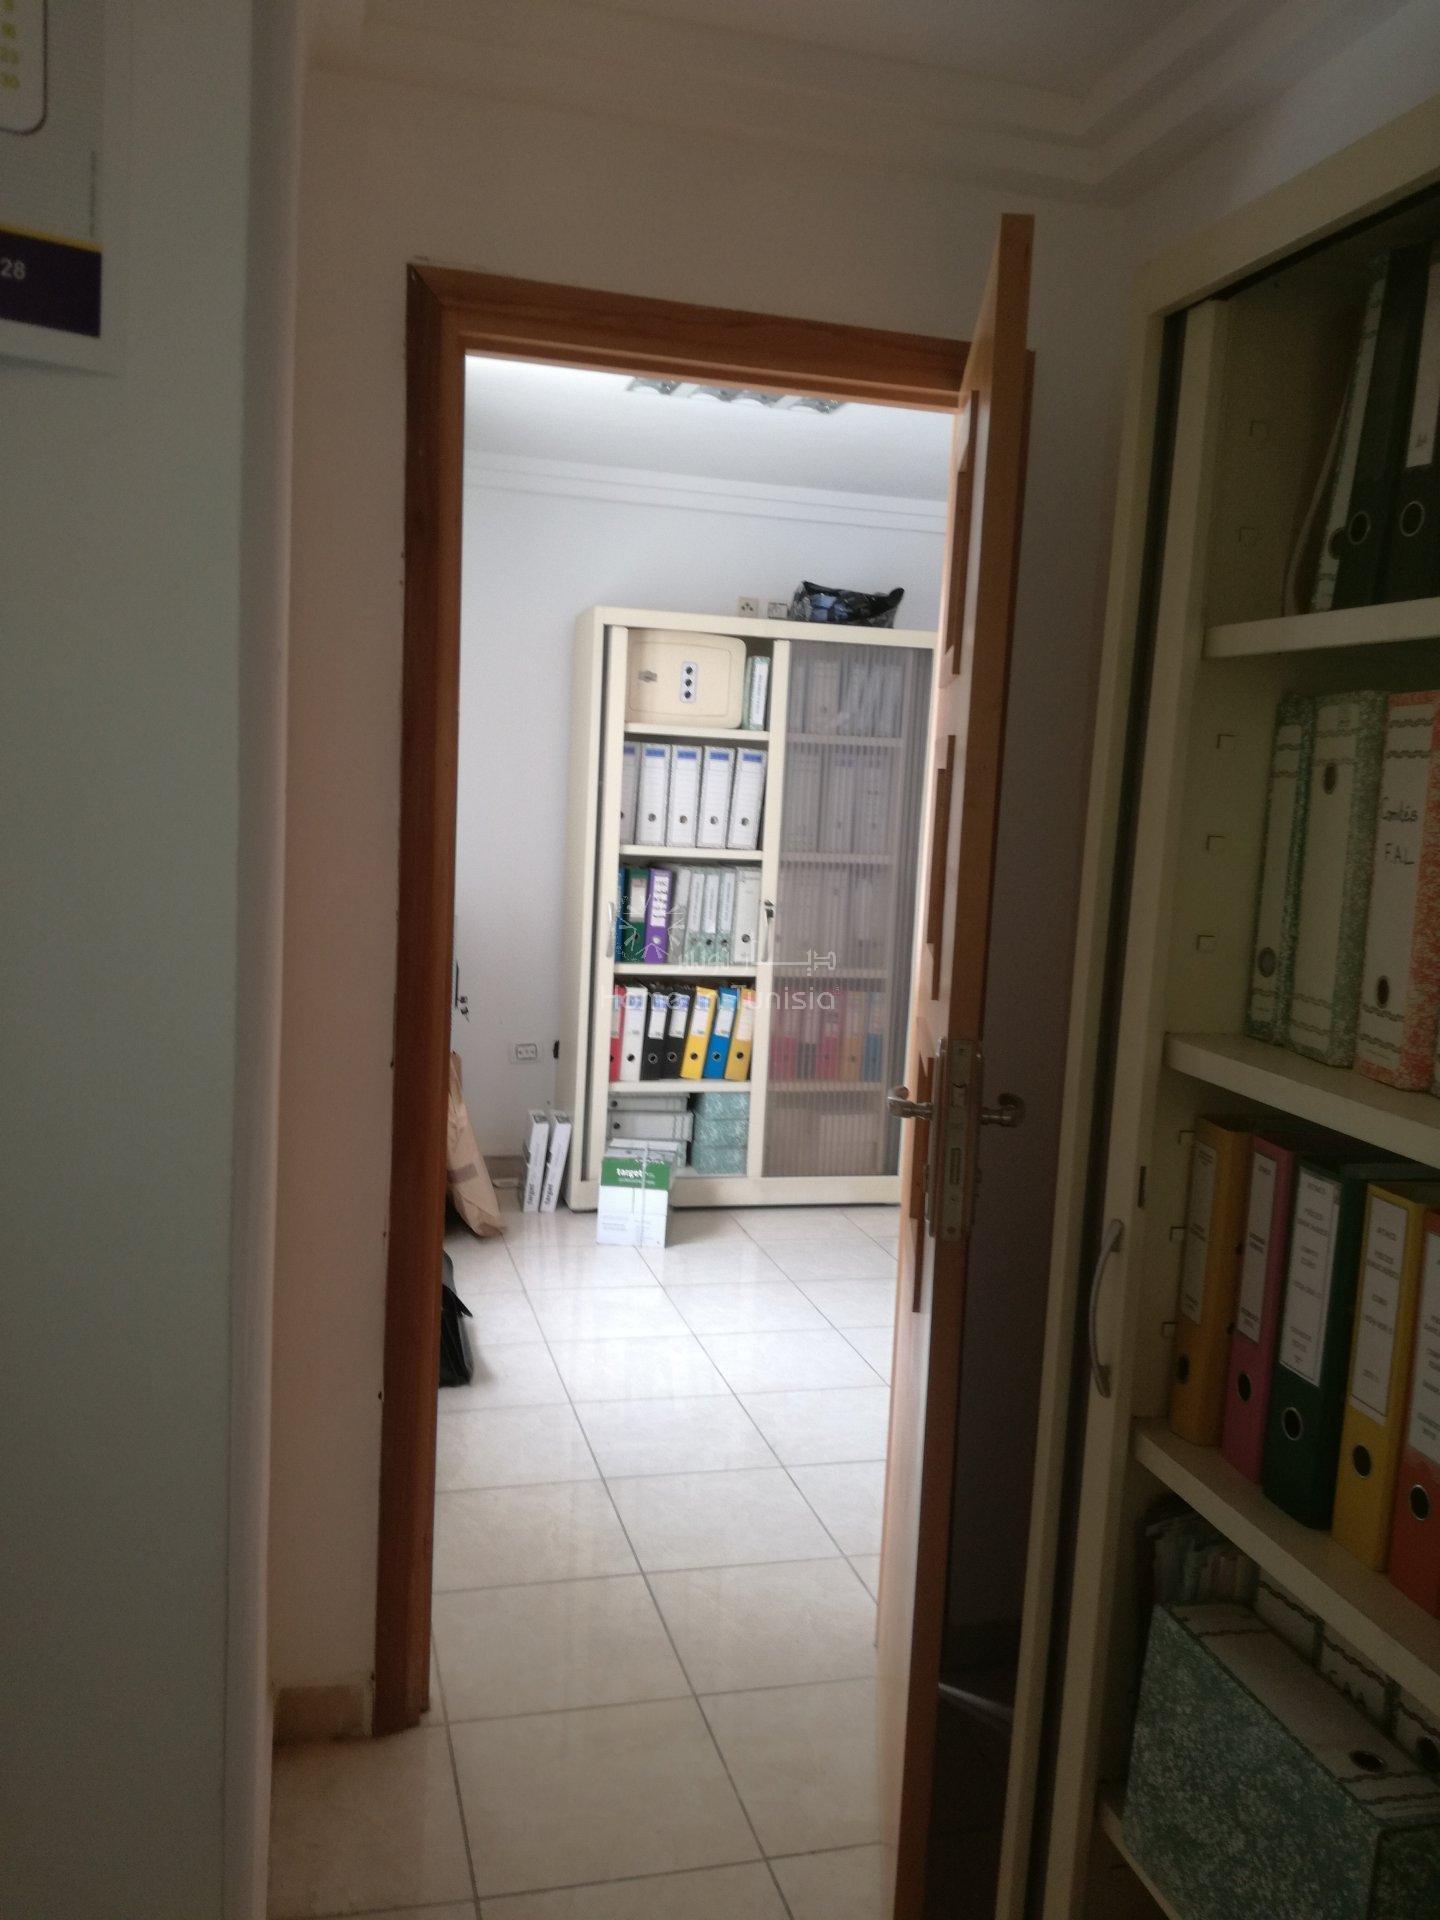 Appartement a usage bureautique